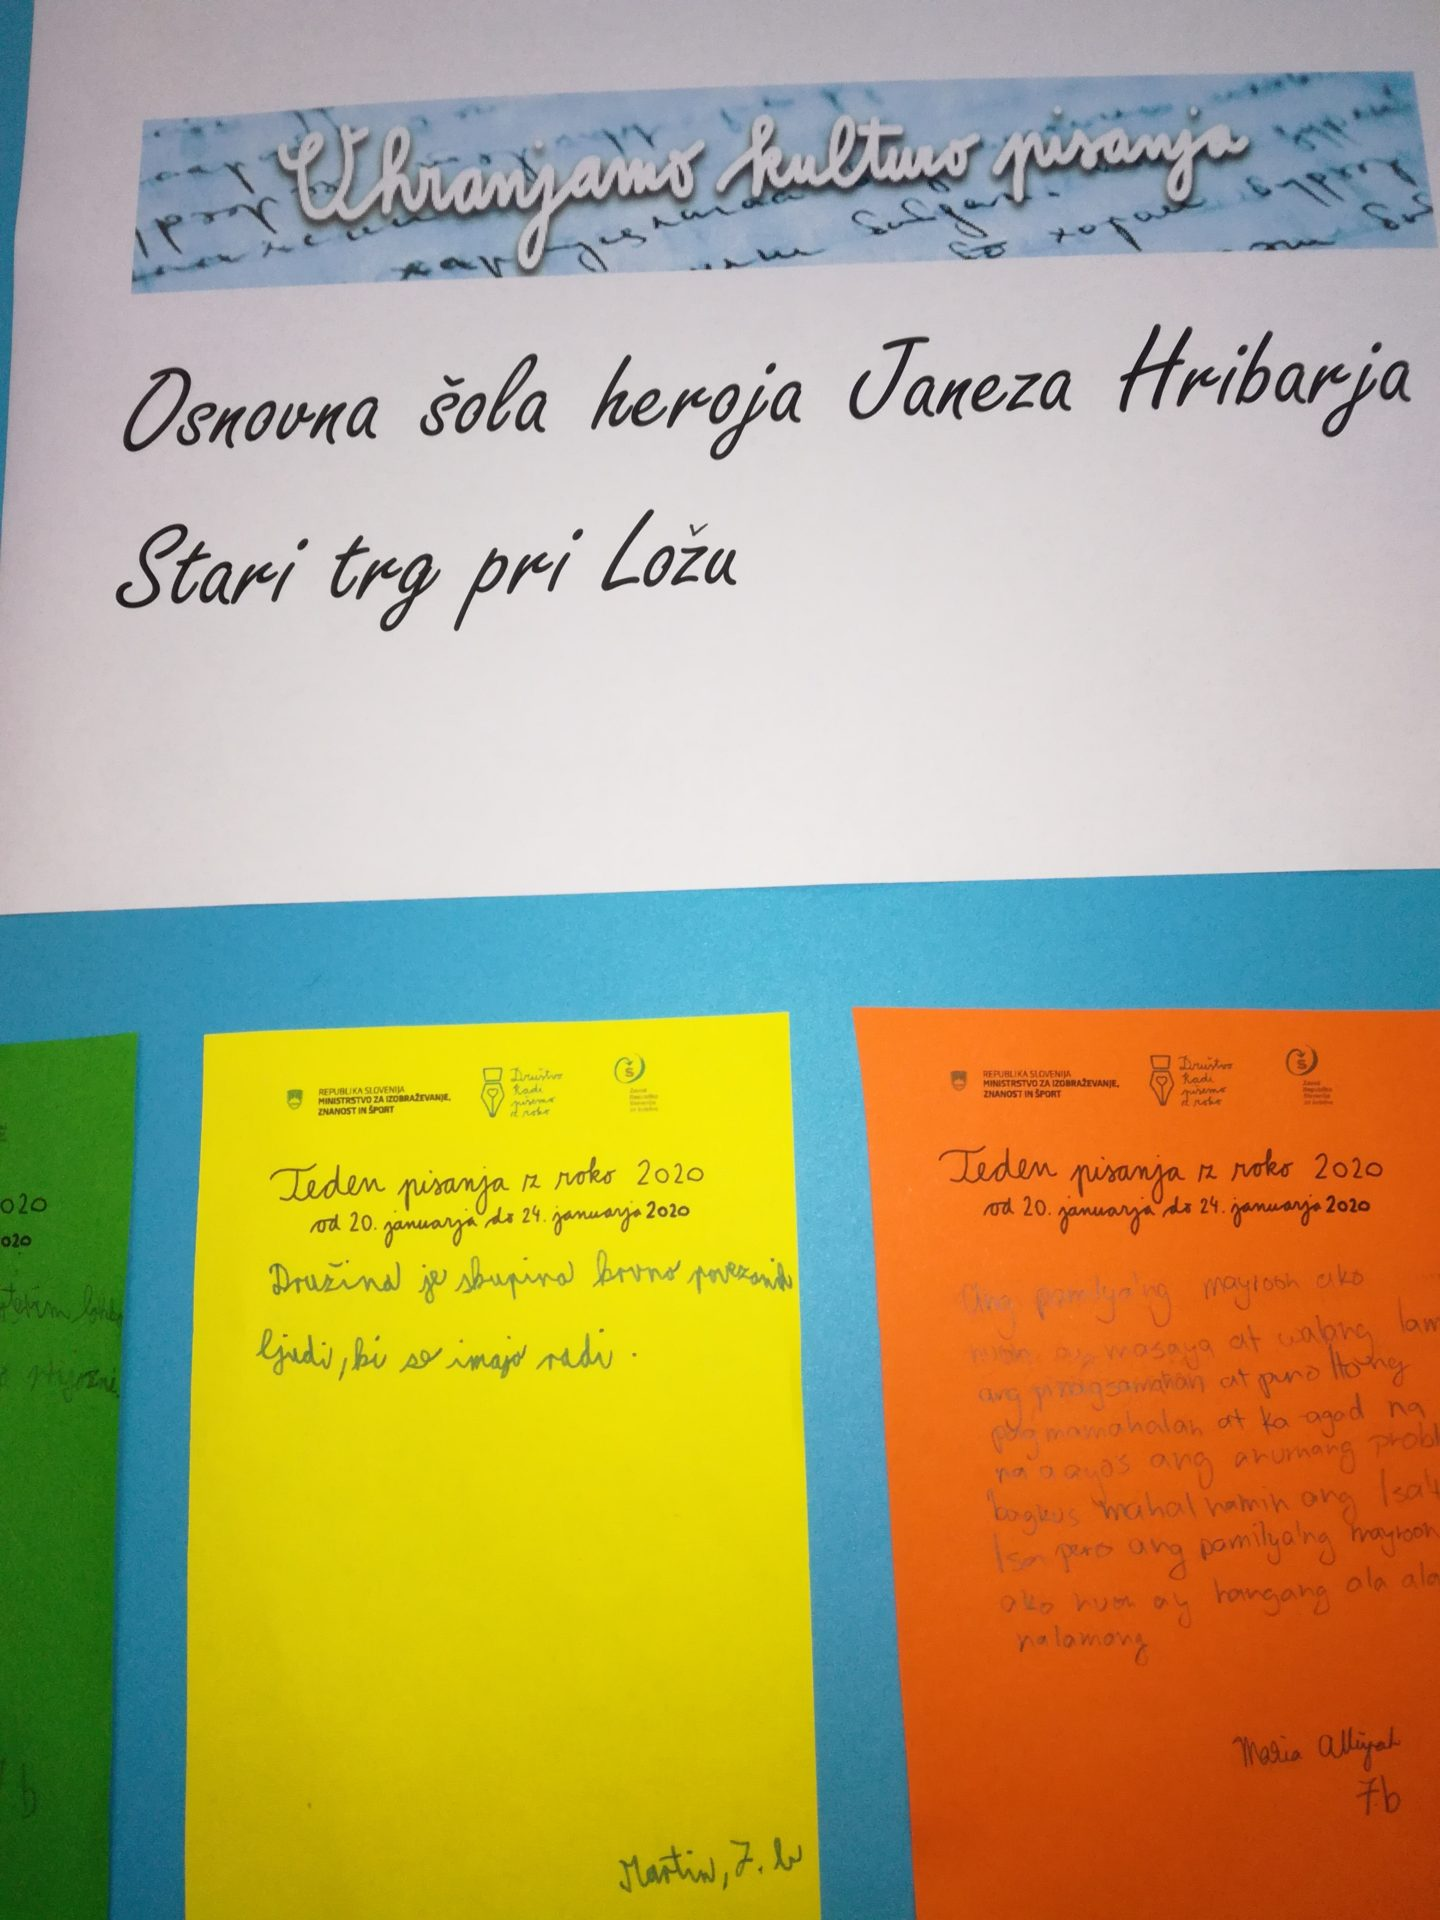 IMG 20200127 144533 - Teden pisanja z roko 2020 - Razstava izdelkov učencev OŠ heroja Janeza Hribarja Stari trg pri Ložu